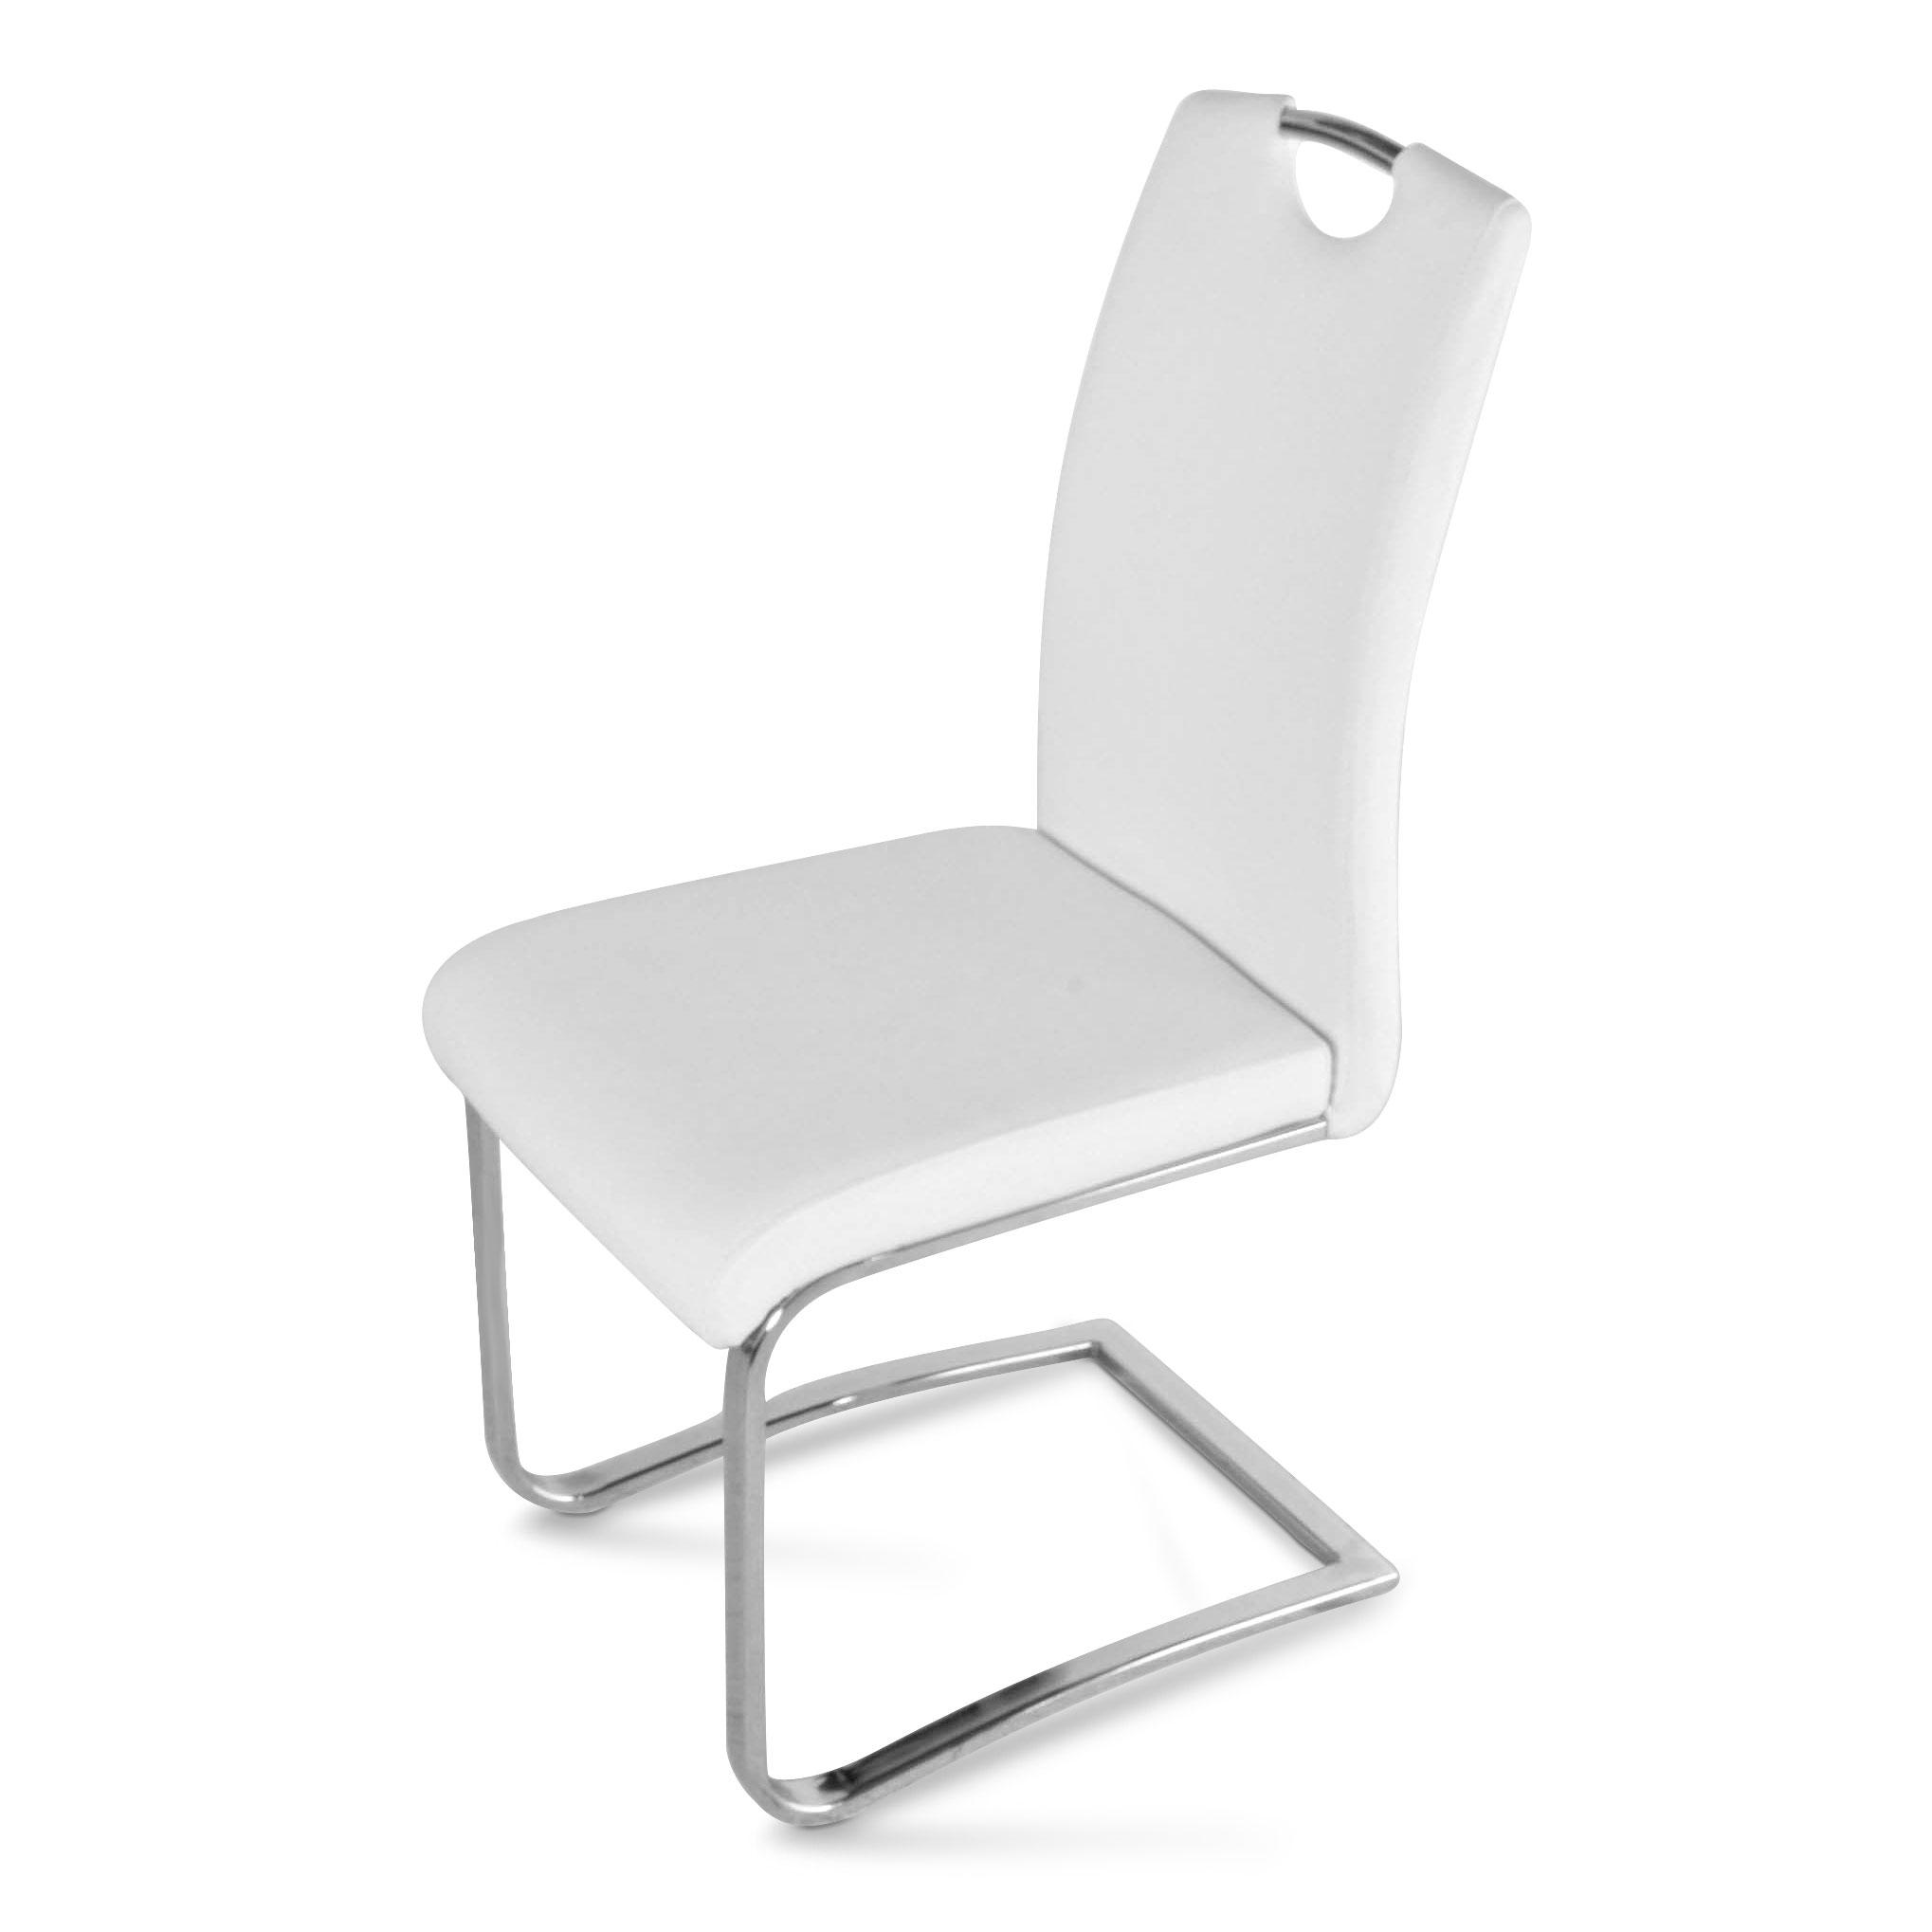 sam design freischwinger stuhl in wei nicole ii auf lager clever und g nstig ab fabrik. Black Bedroom Furniture Sets. Home Design Ideas